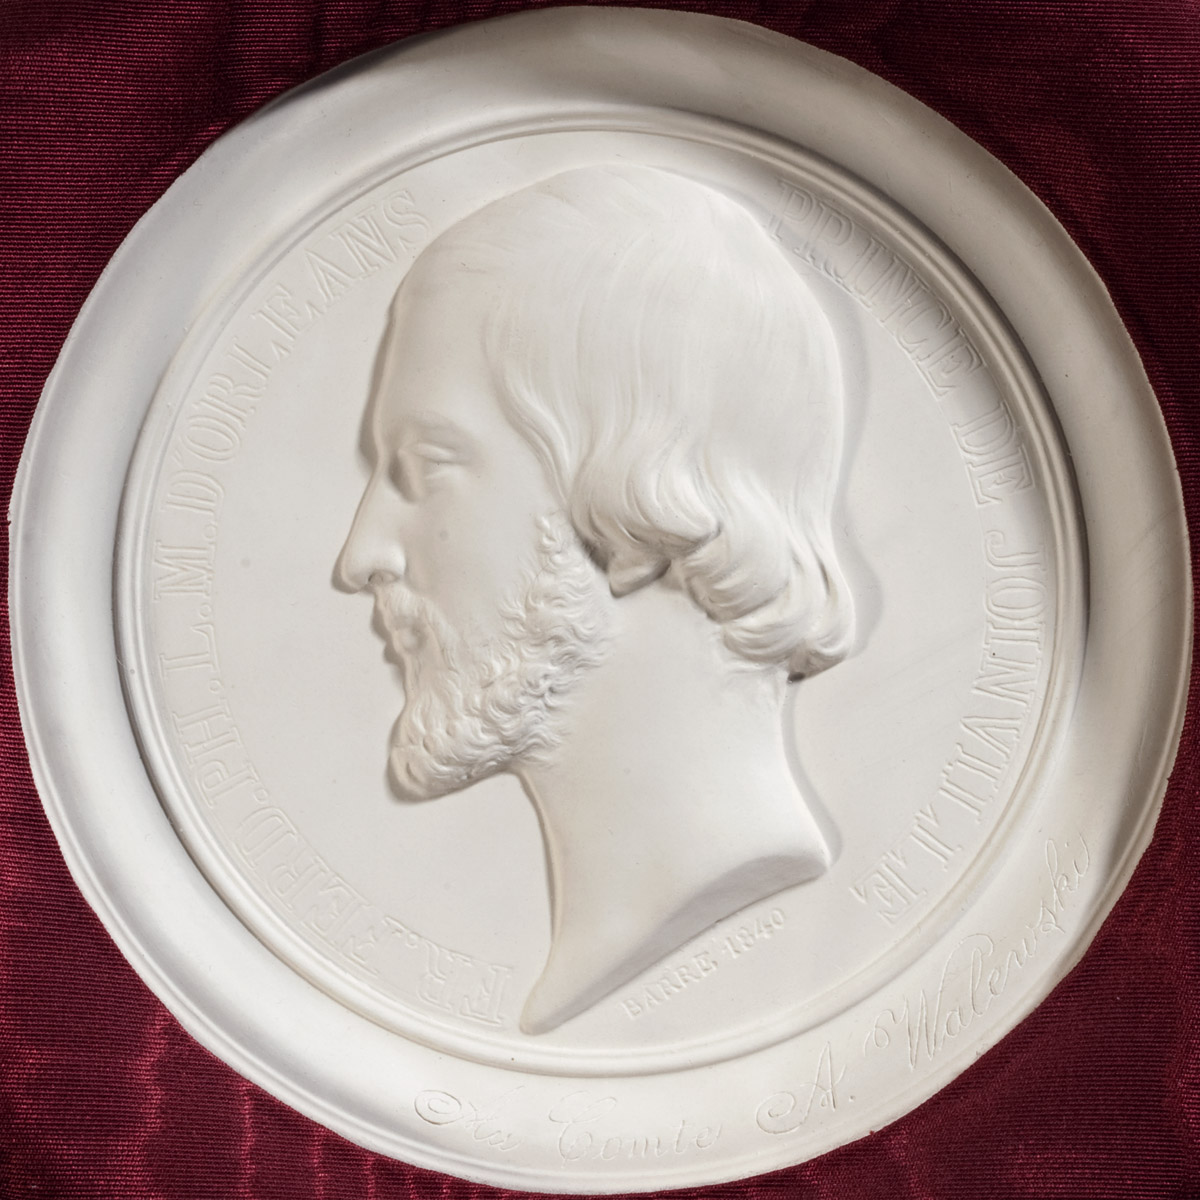 Deux médaillons par Barre dédicacés au comte Walewski - Patrimoine Charles-André COLONNA WALEWSKI, en ligne directe de Napoléon